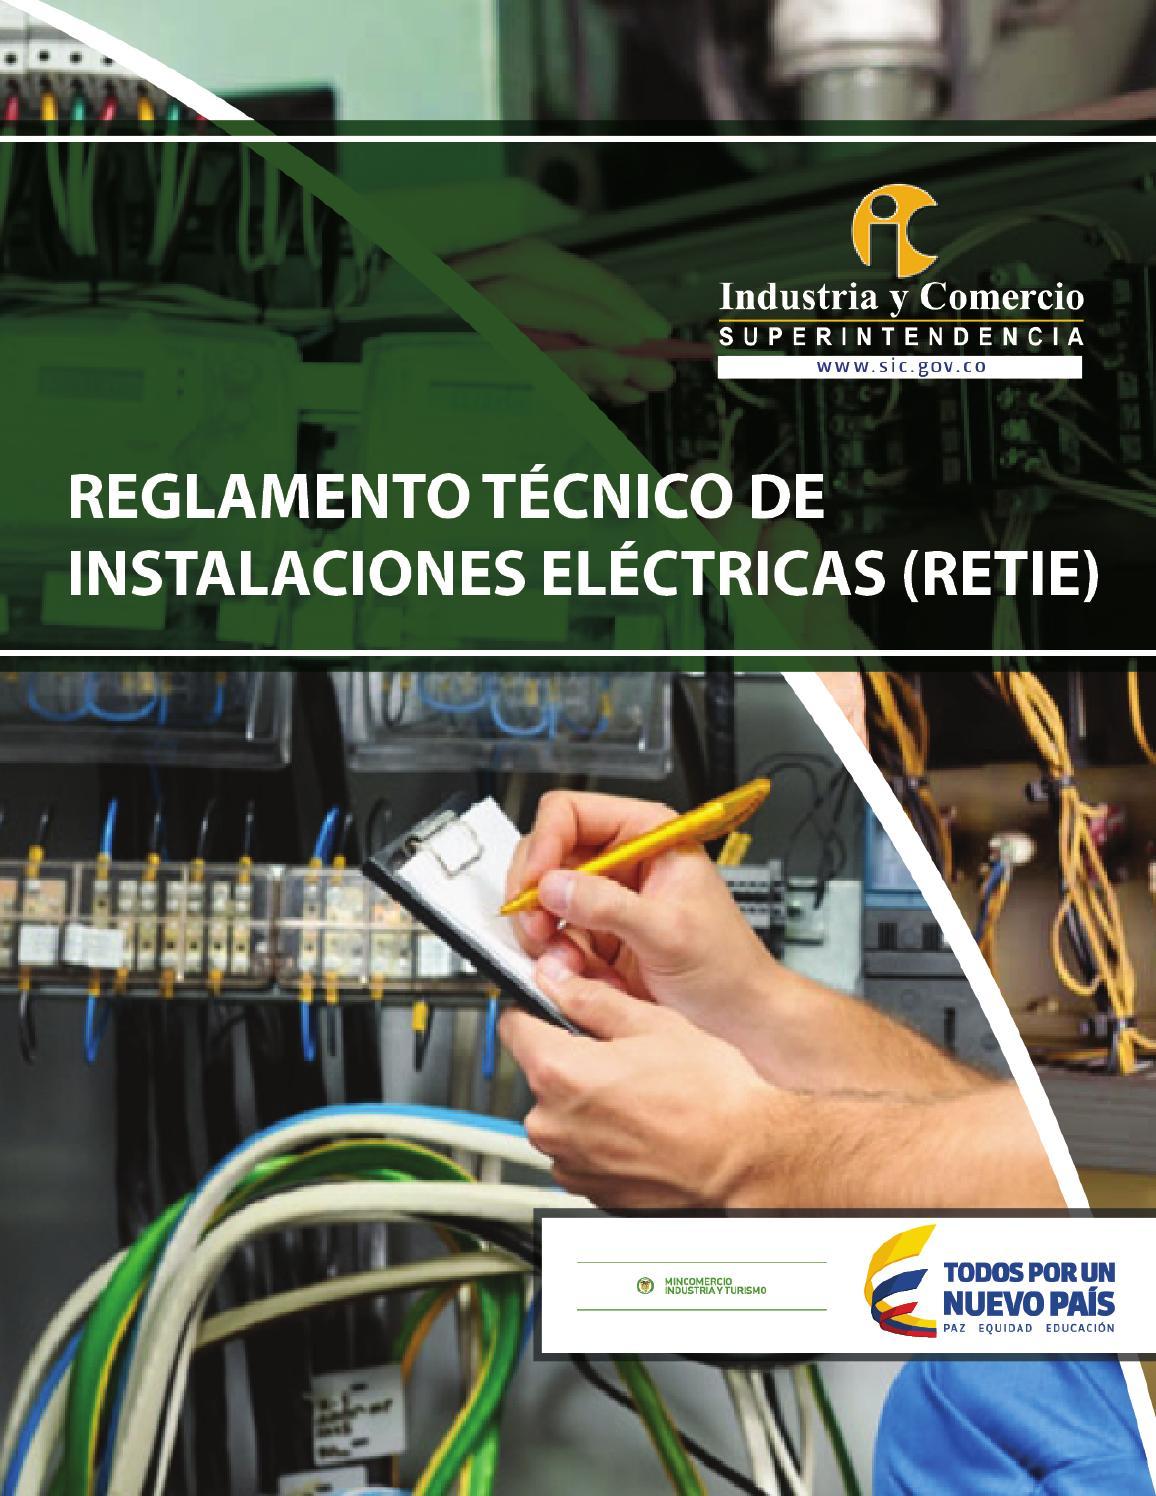 Reglamento técnico instalaciones eléctricas by Superintendencia de ...